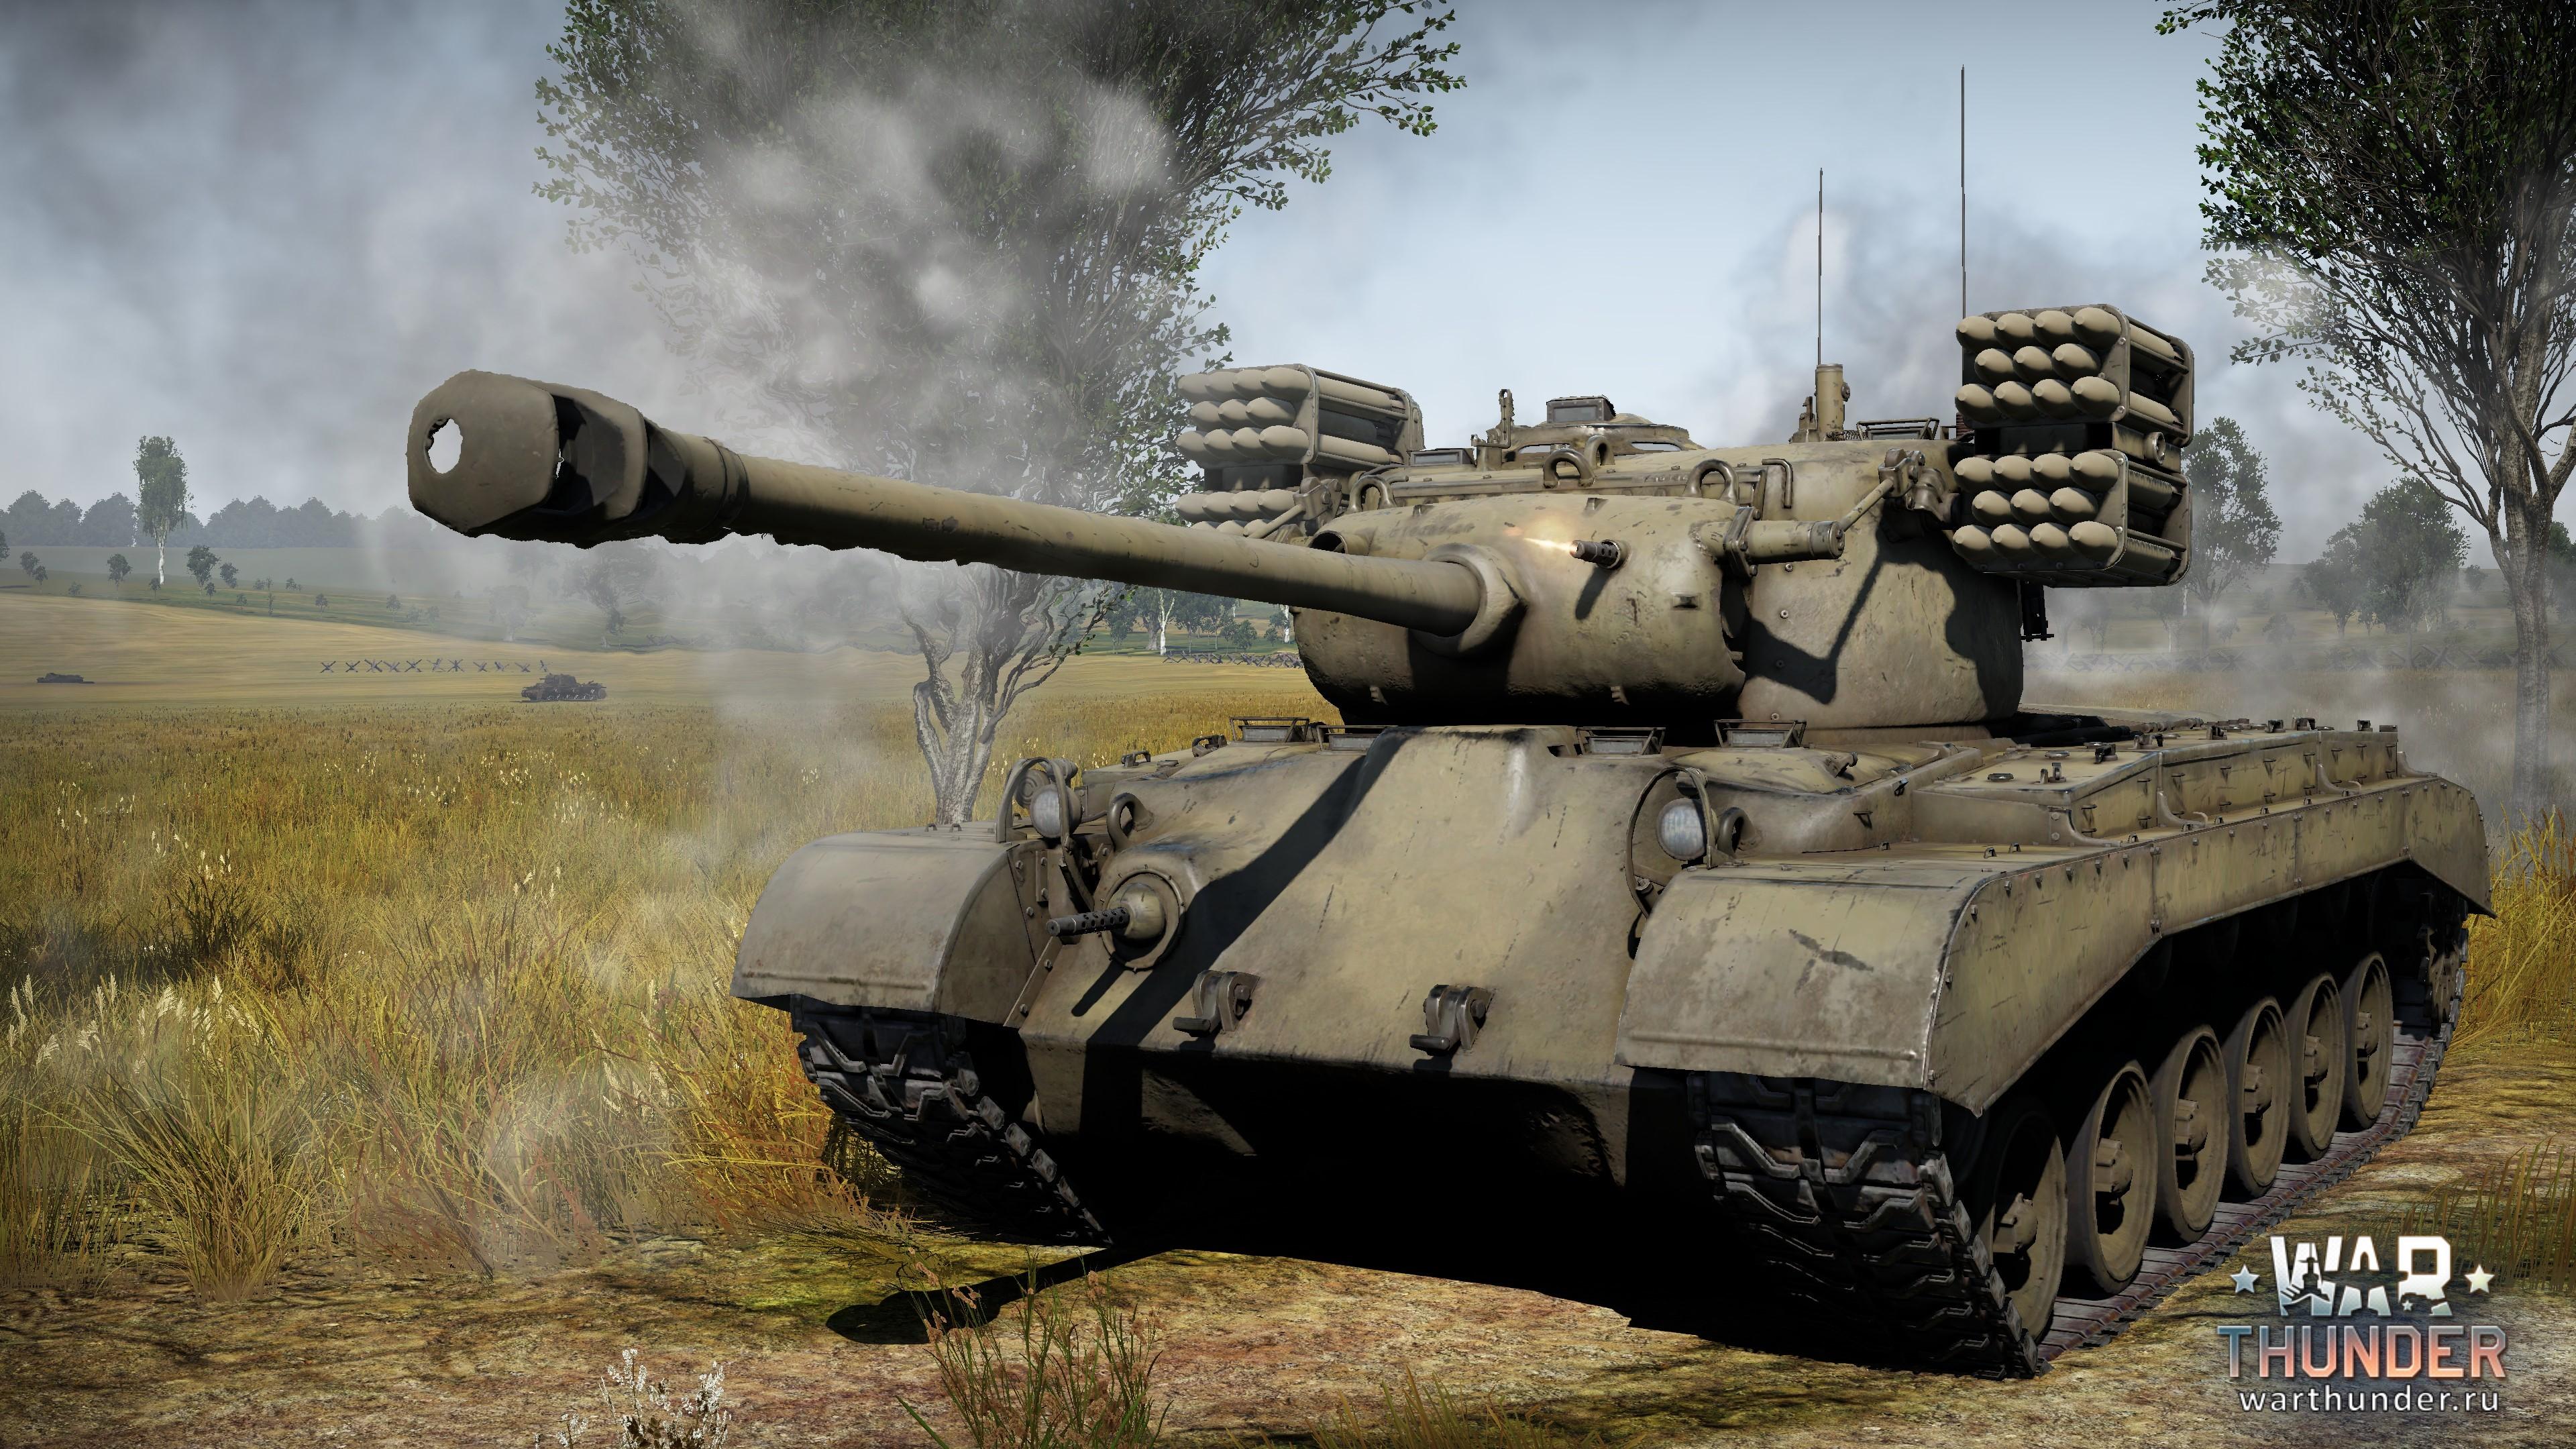 вар тандер танки с ракетами